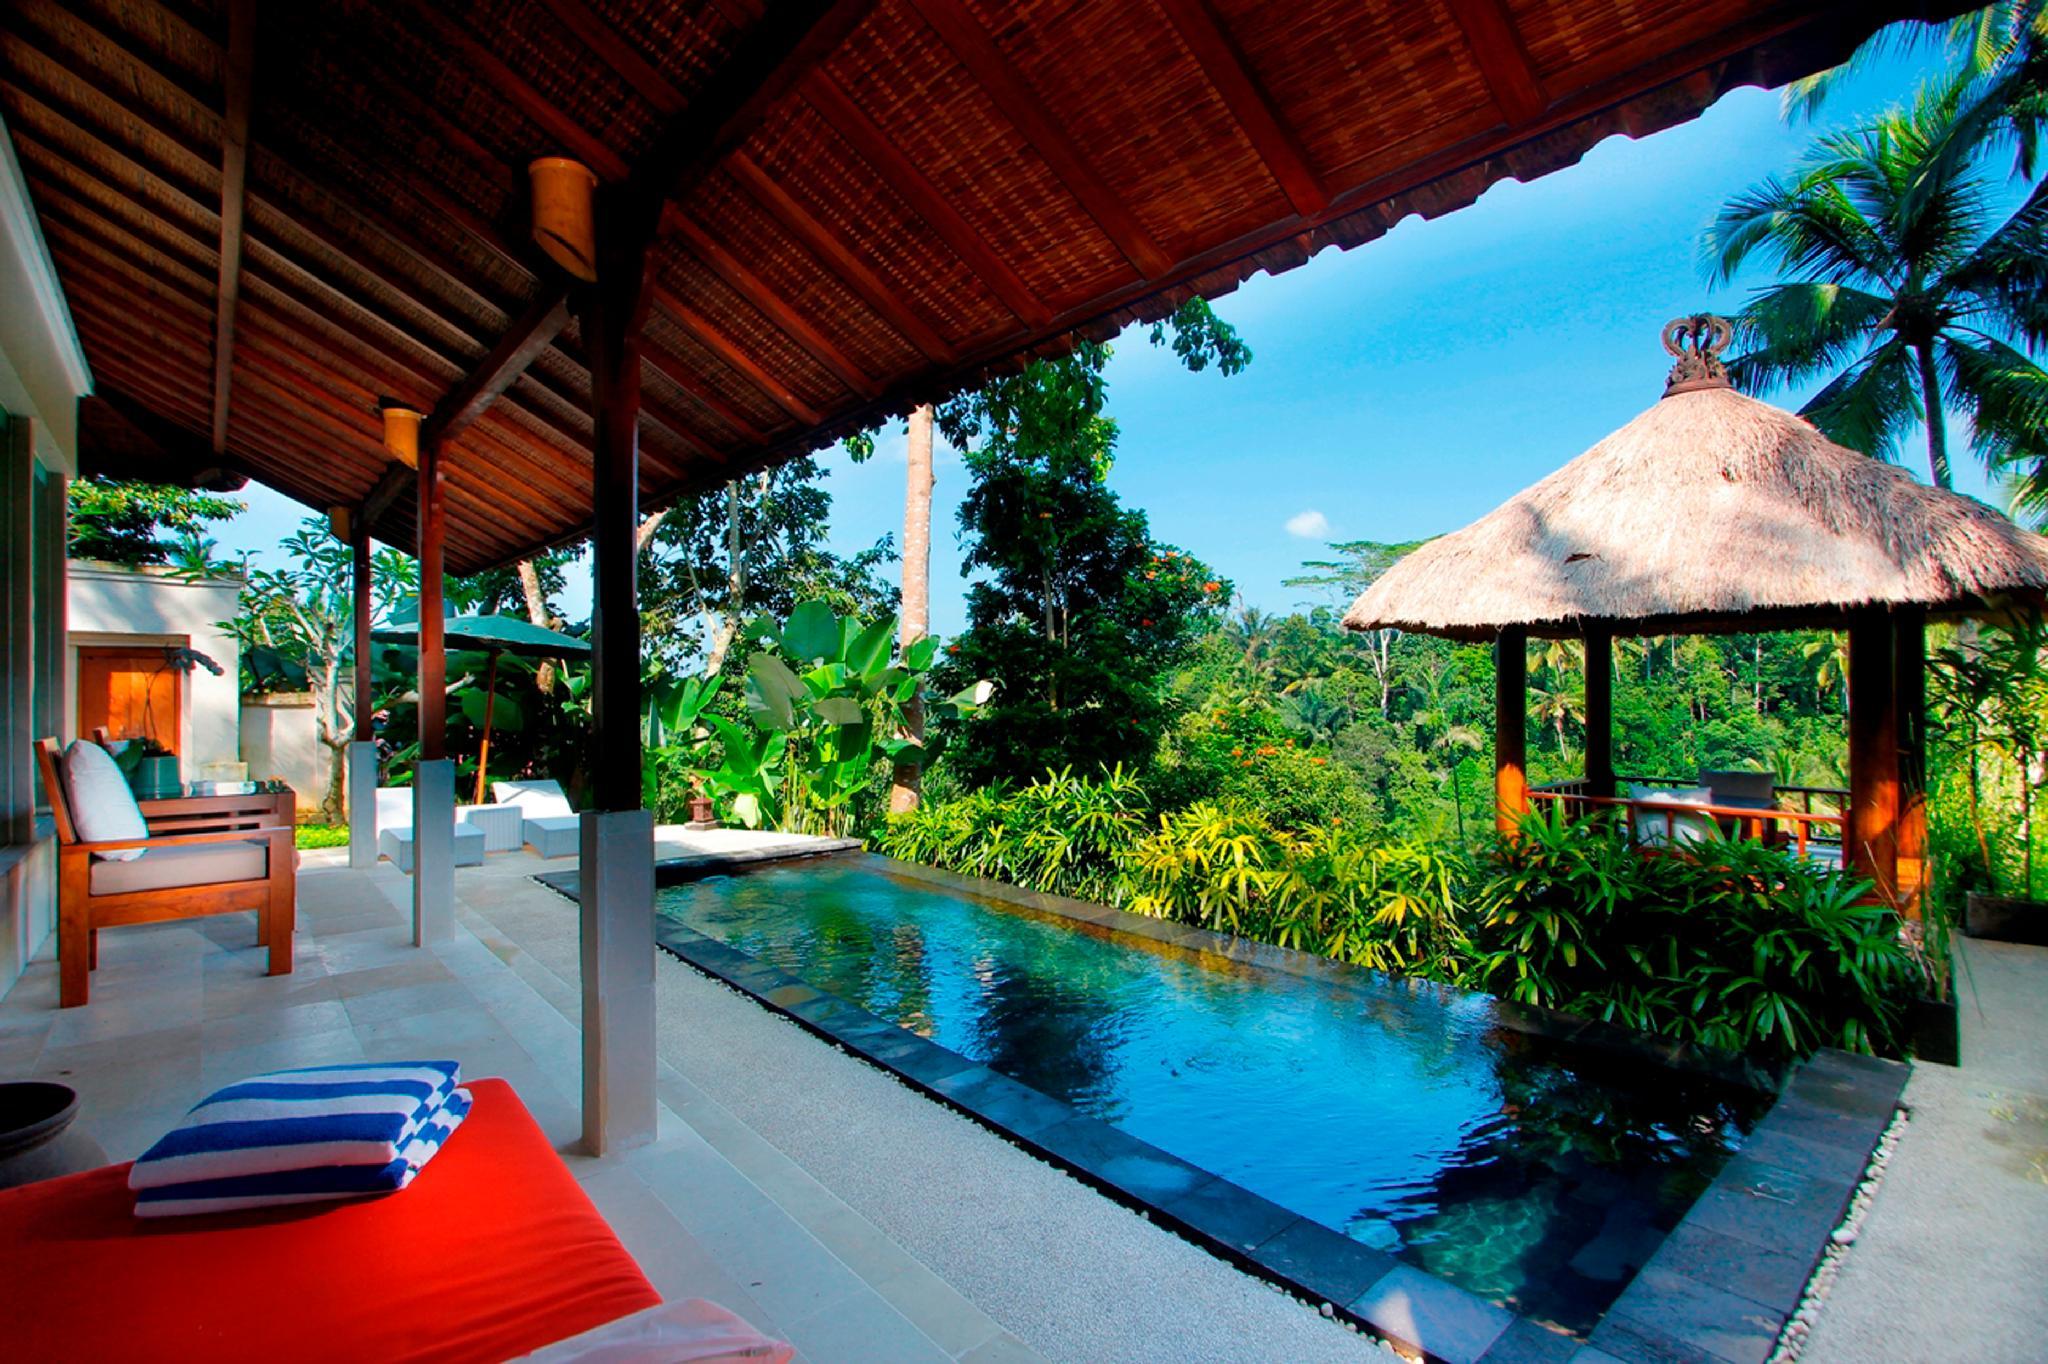 Уникальное место Alam De Ubud